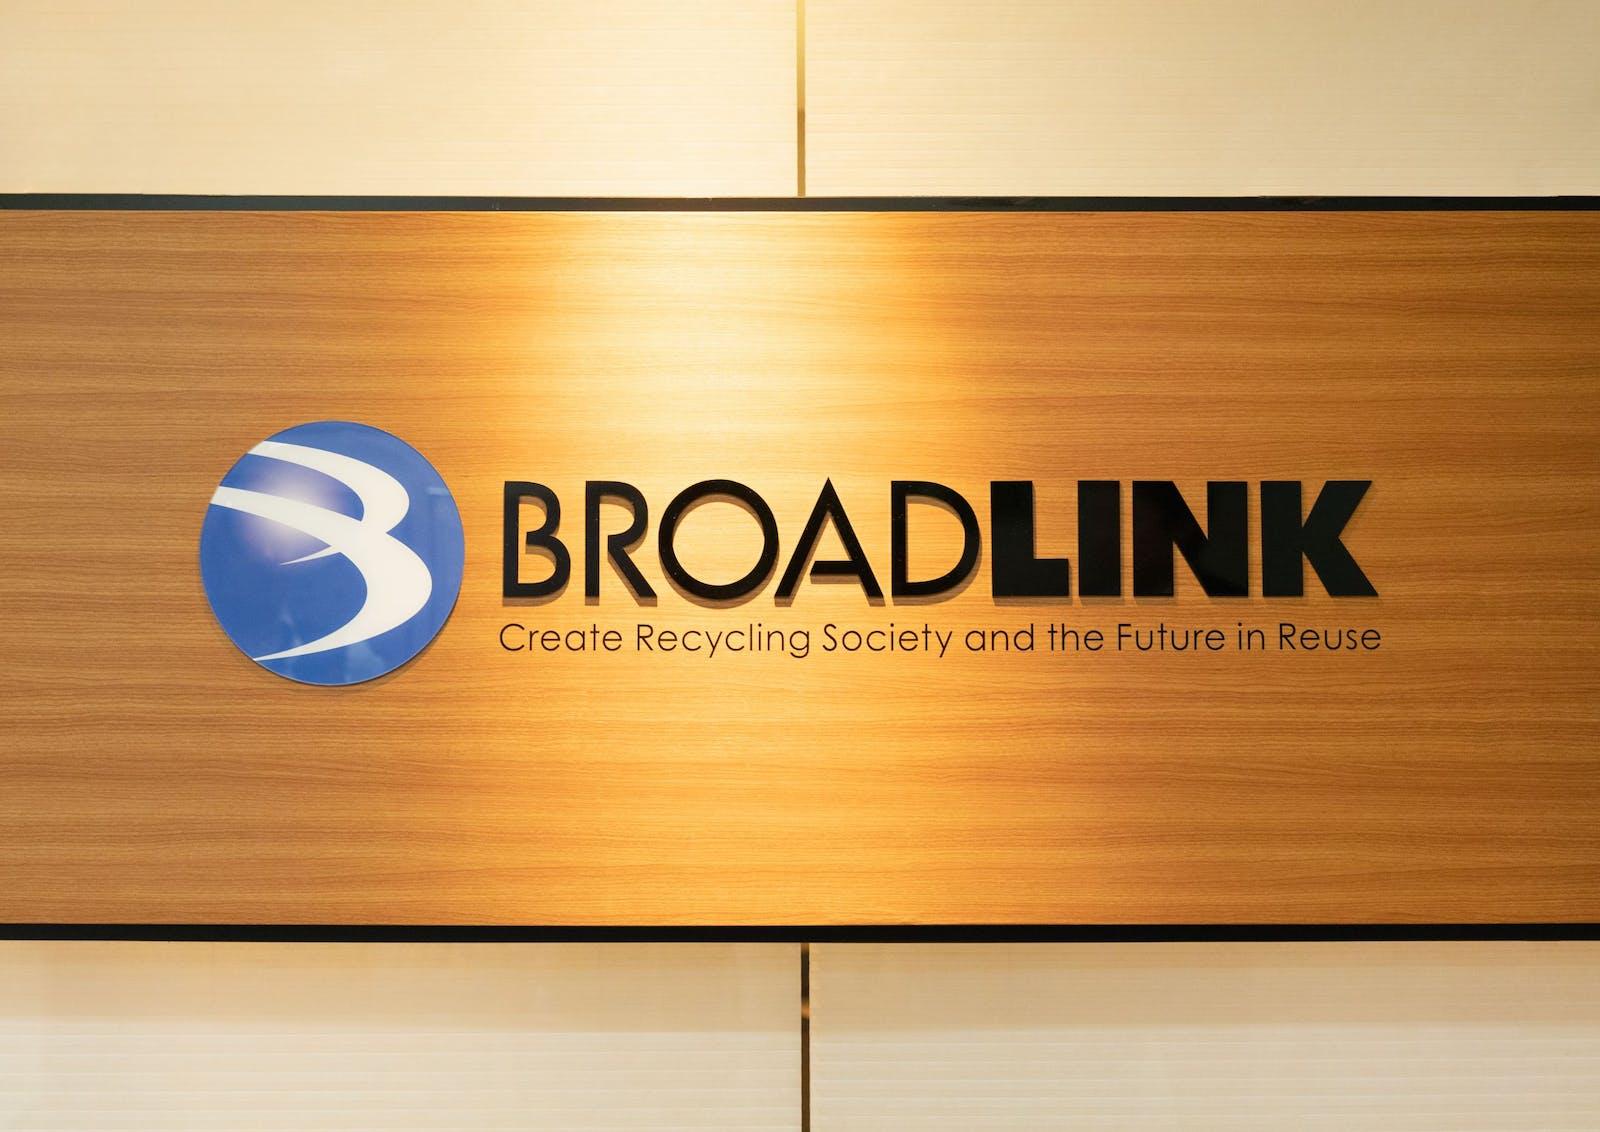 株式会社ブロードリンクのアイキャッチ画像